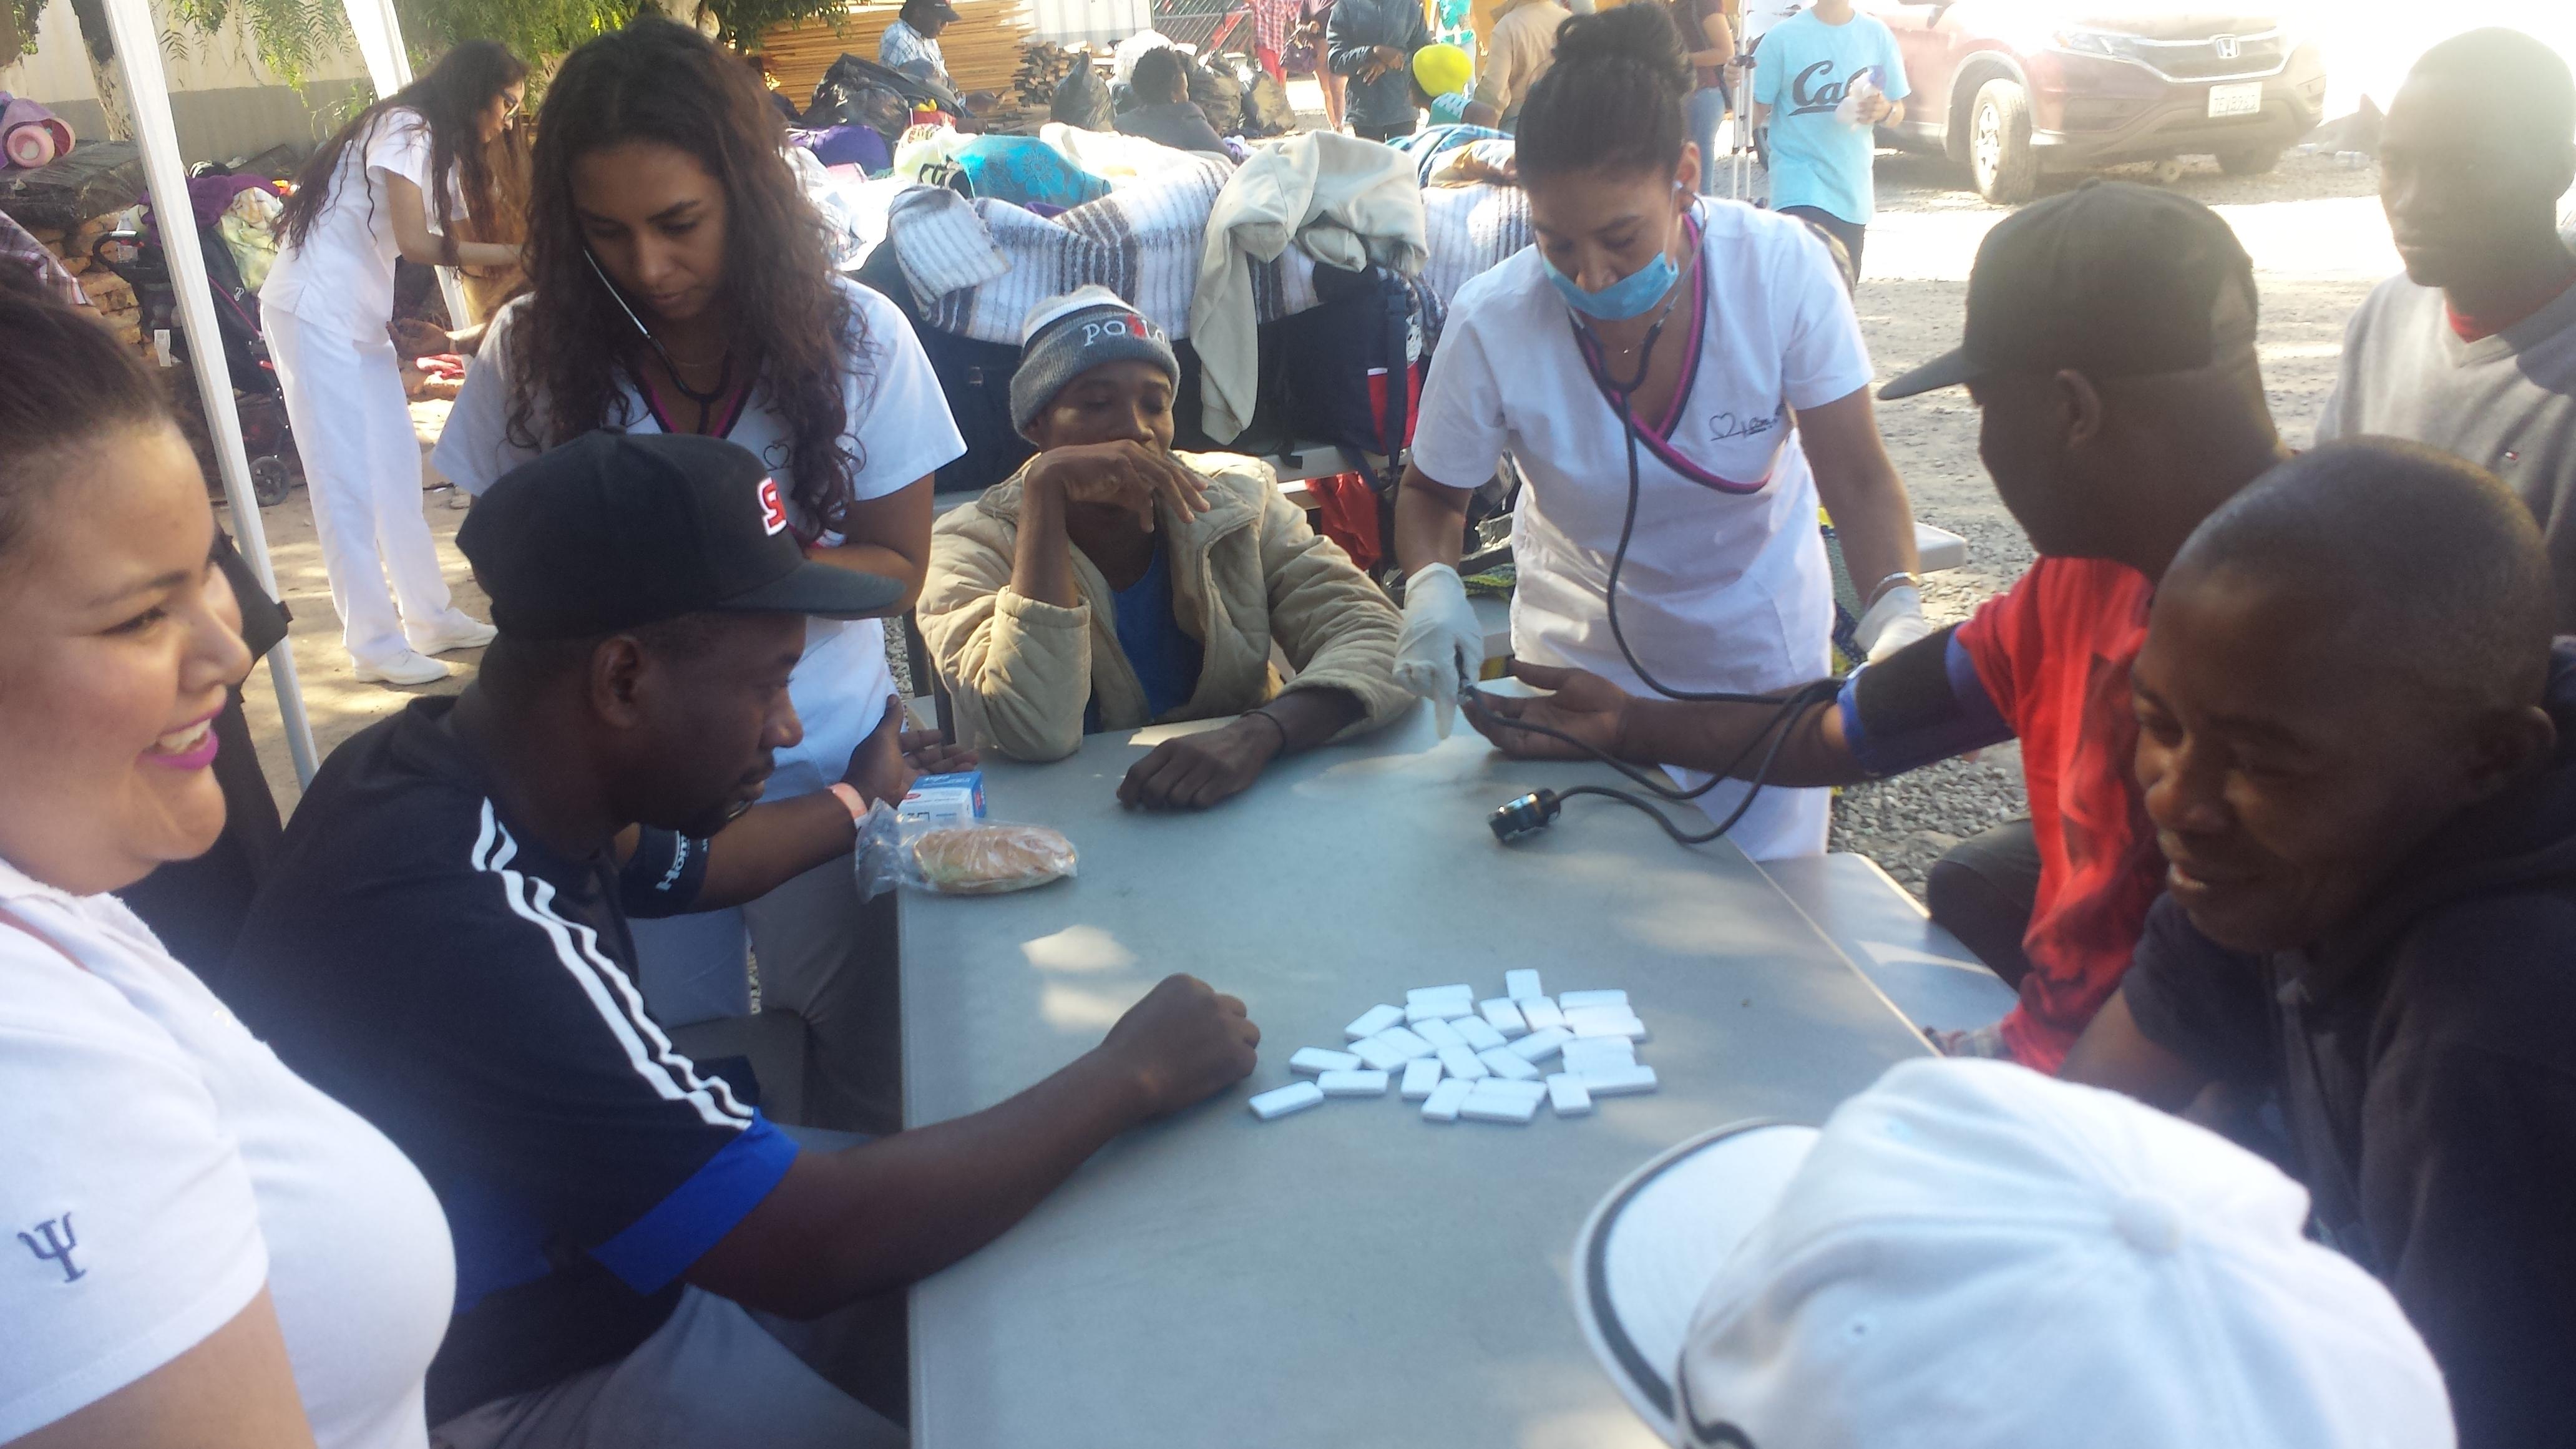 Estudiantes de enfermería de la escuela, Con Amor,  toman la presión de migrantes haitianos que juegan domino.